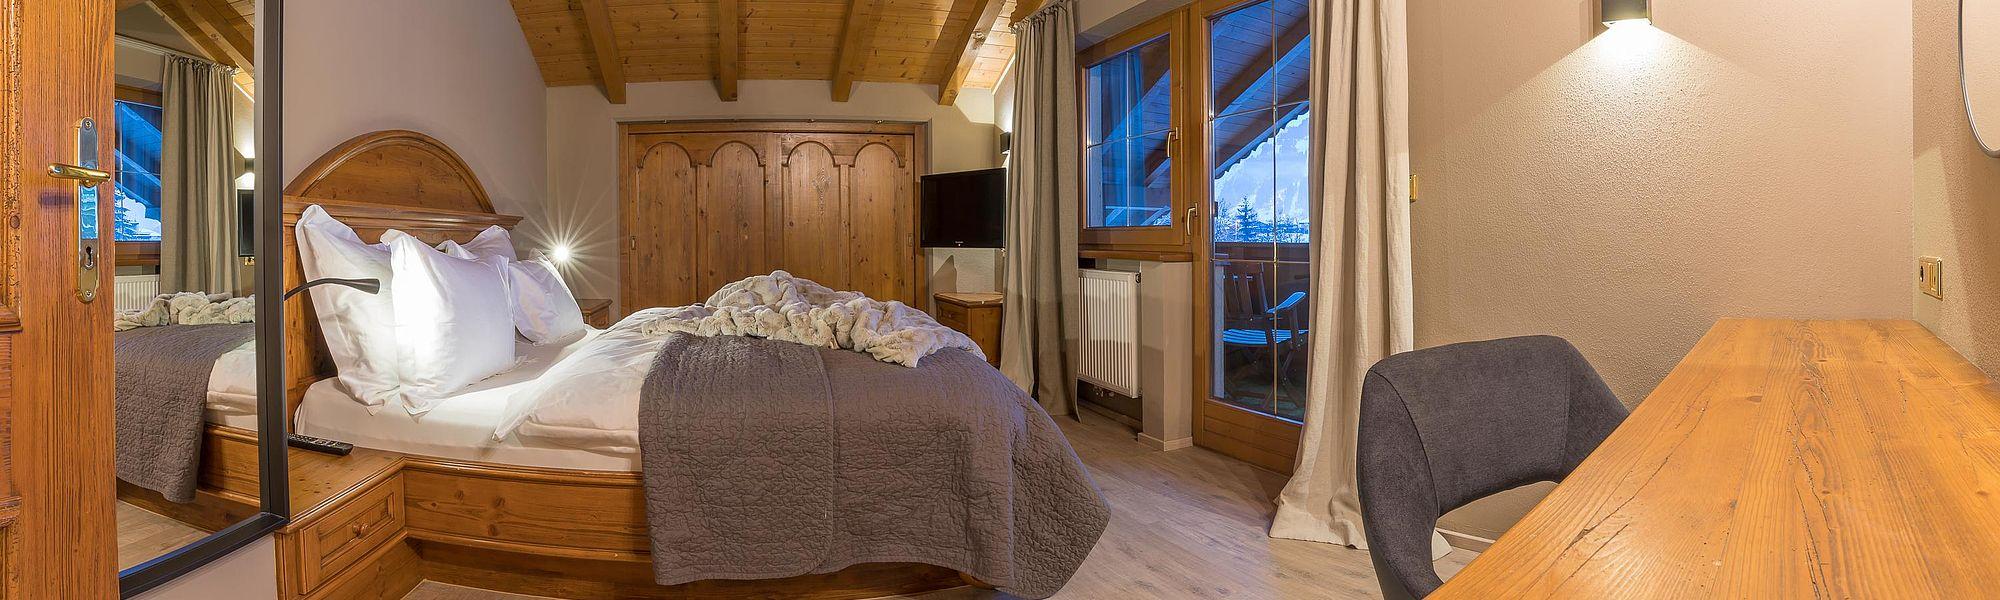 Großes Doppelschlafzimmer mit Wohlfühlgarantie